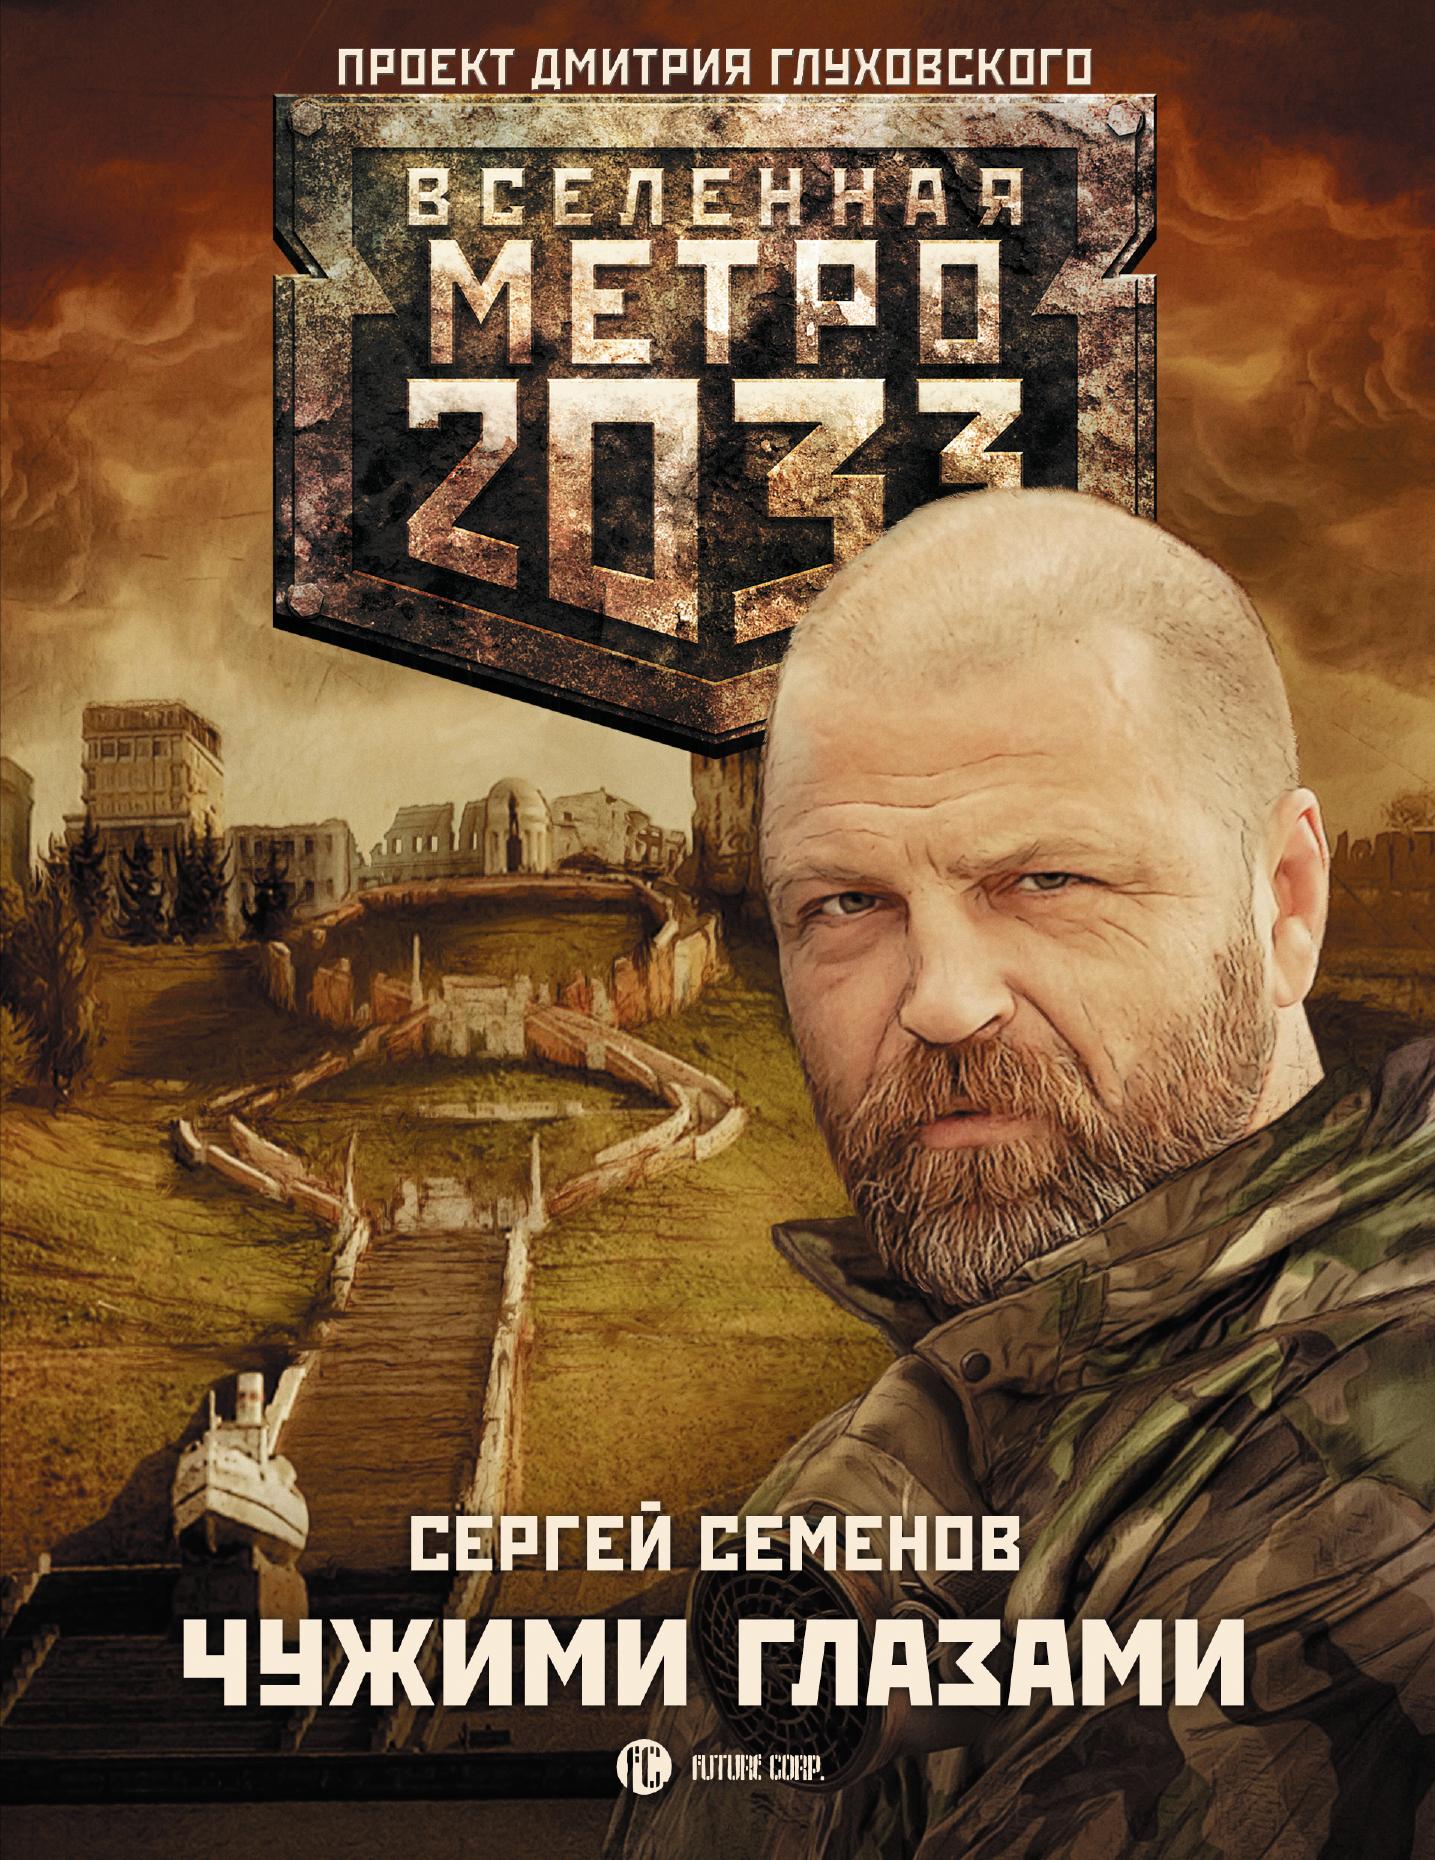 Семенов С.А. Метро 2033: Чужими глазами харитонов ю в метро 2033 на краю пропасти